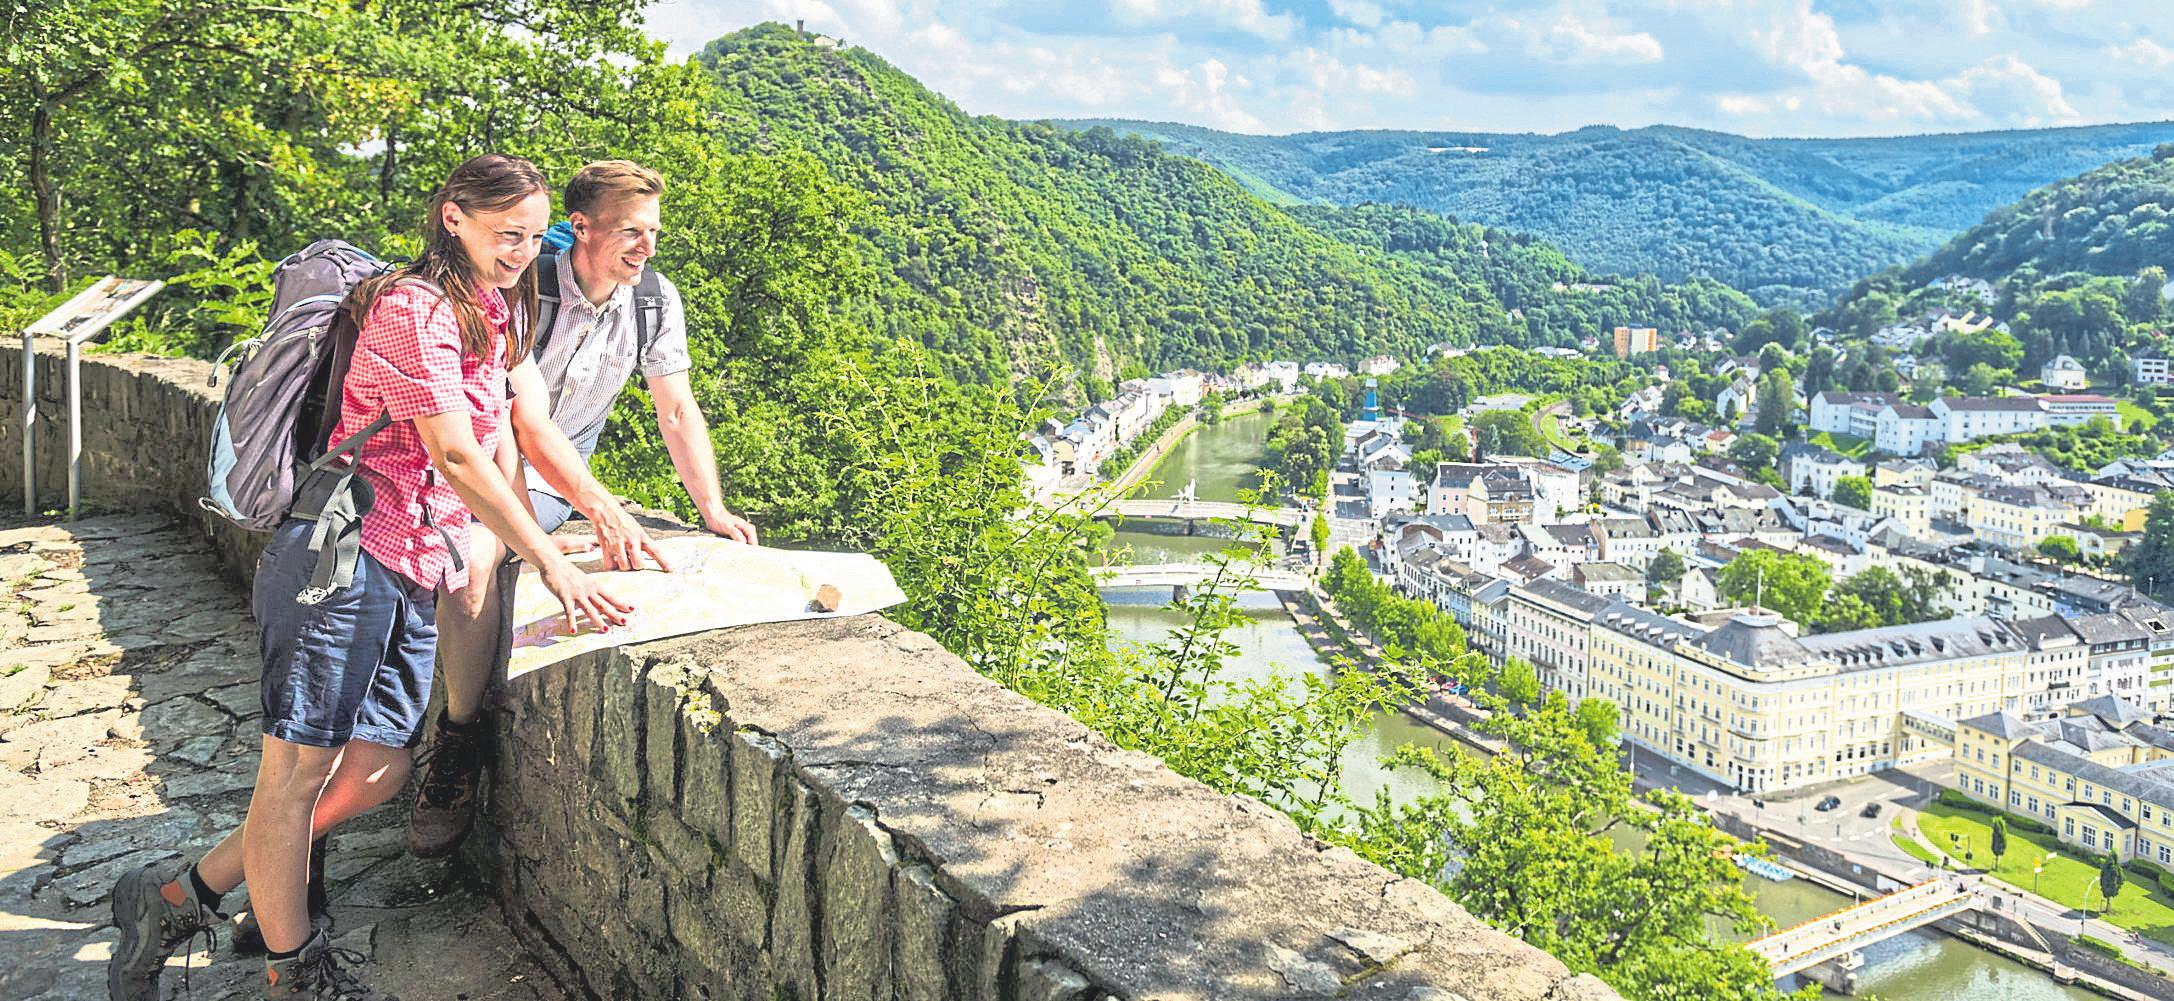 Gut zu Fuß? Dann ist der Premiumwanderweg HöhenLuft zu empfehlen, der auch Ausblicke auf Bad Ems eröffnet. Fotos: Dominik Ketz